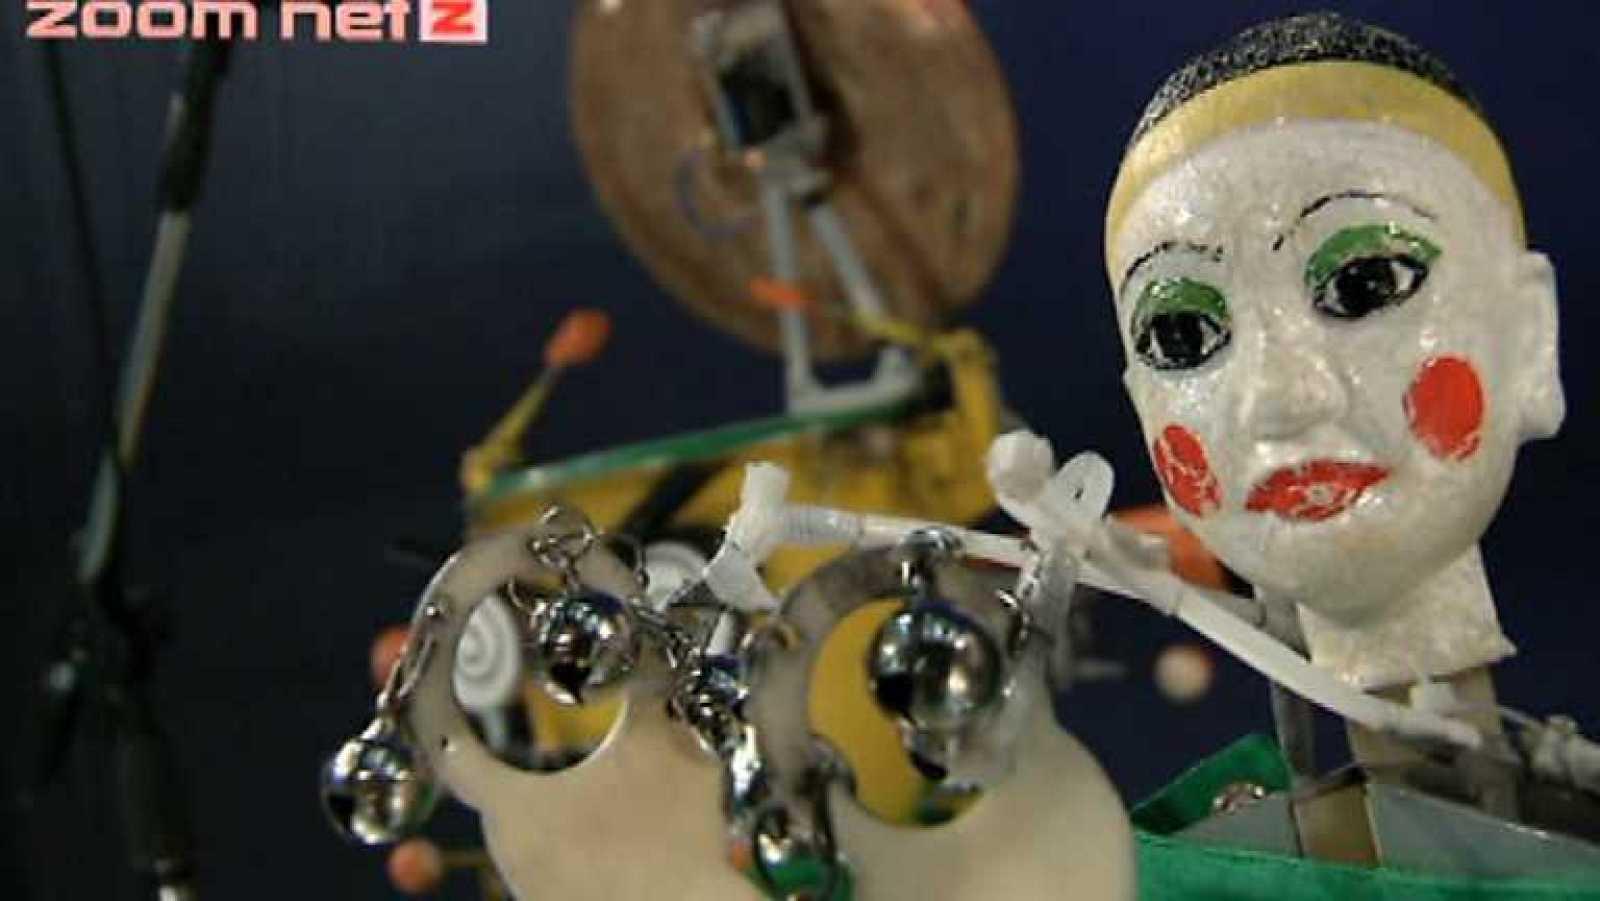 Zoom Net - Robot!, Coches inteligentes y Hearthstone - 26/04/14 - ver ahora